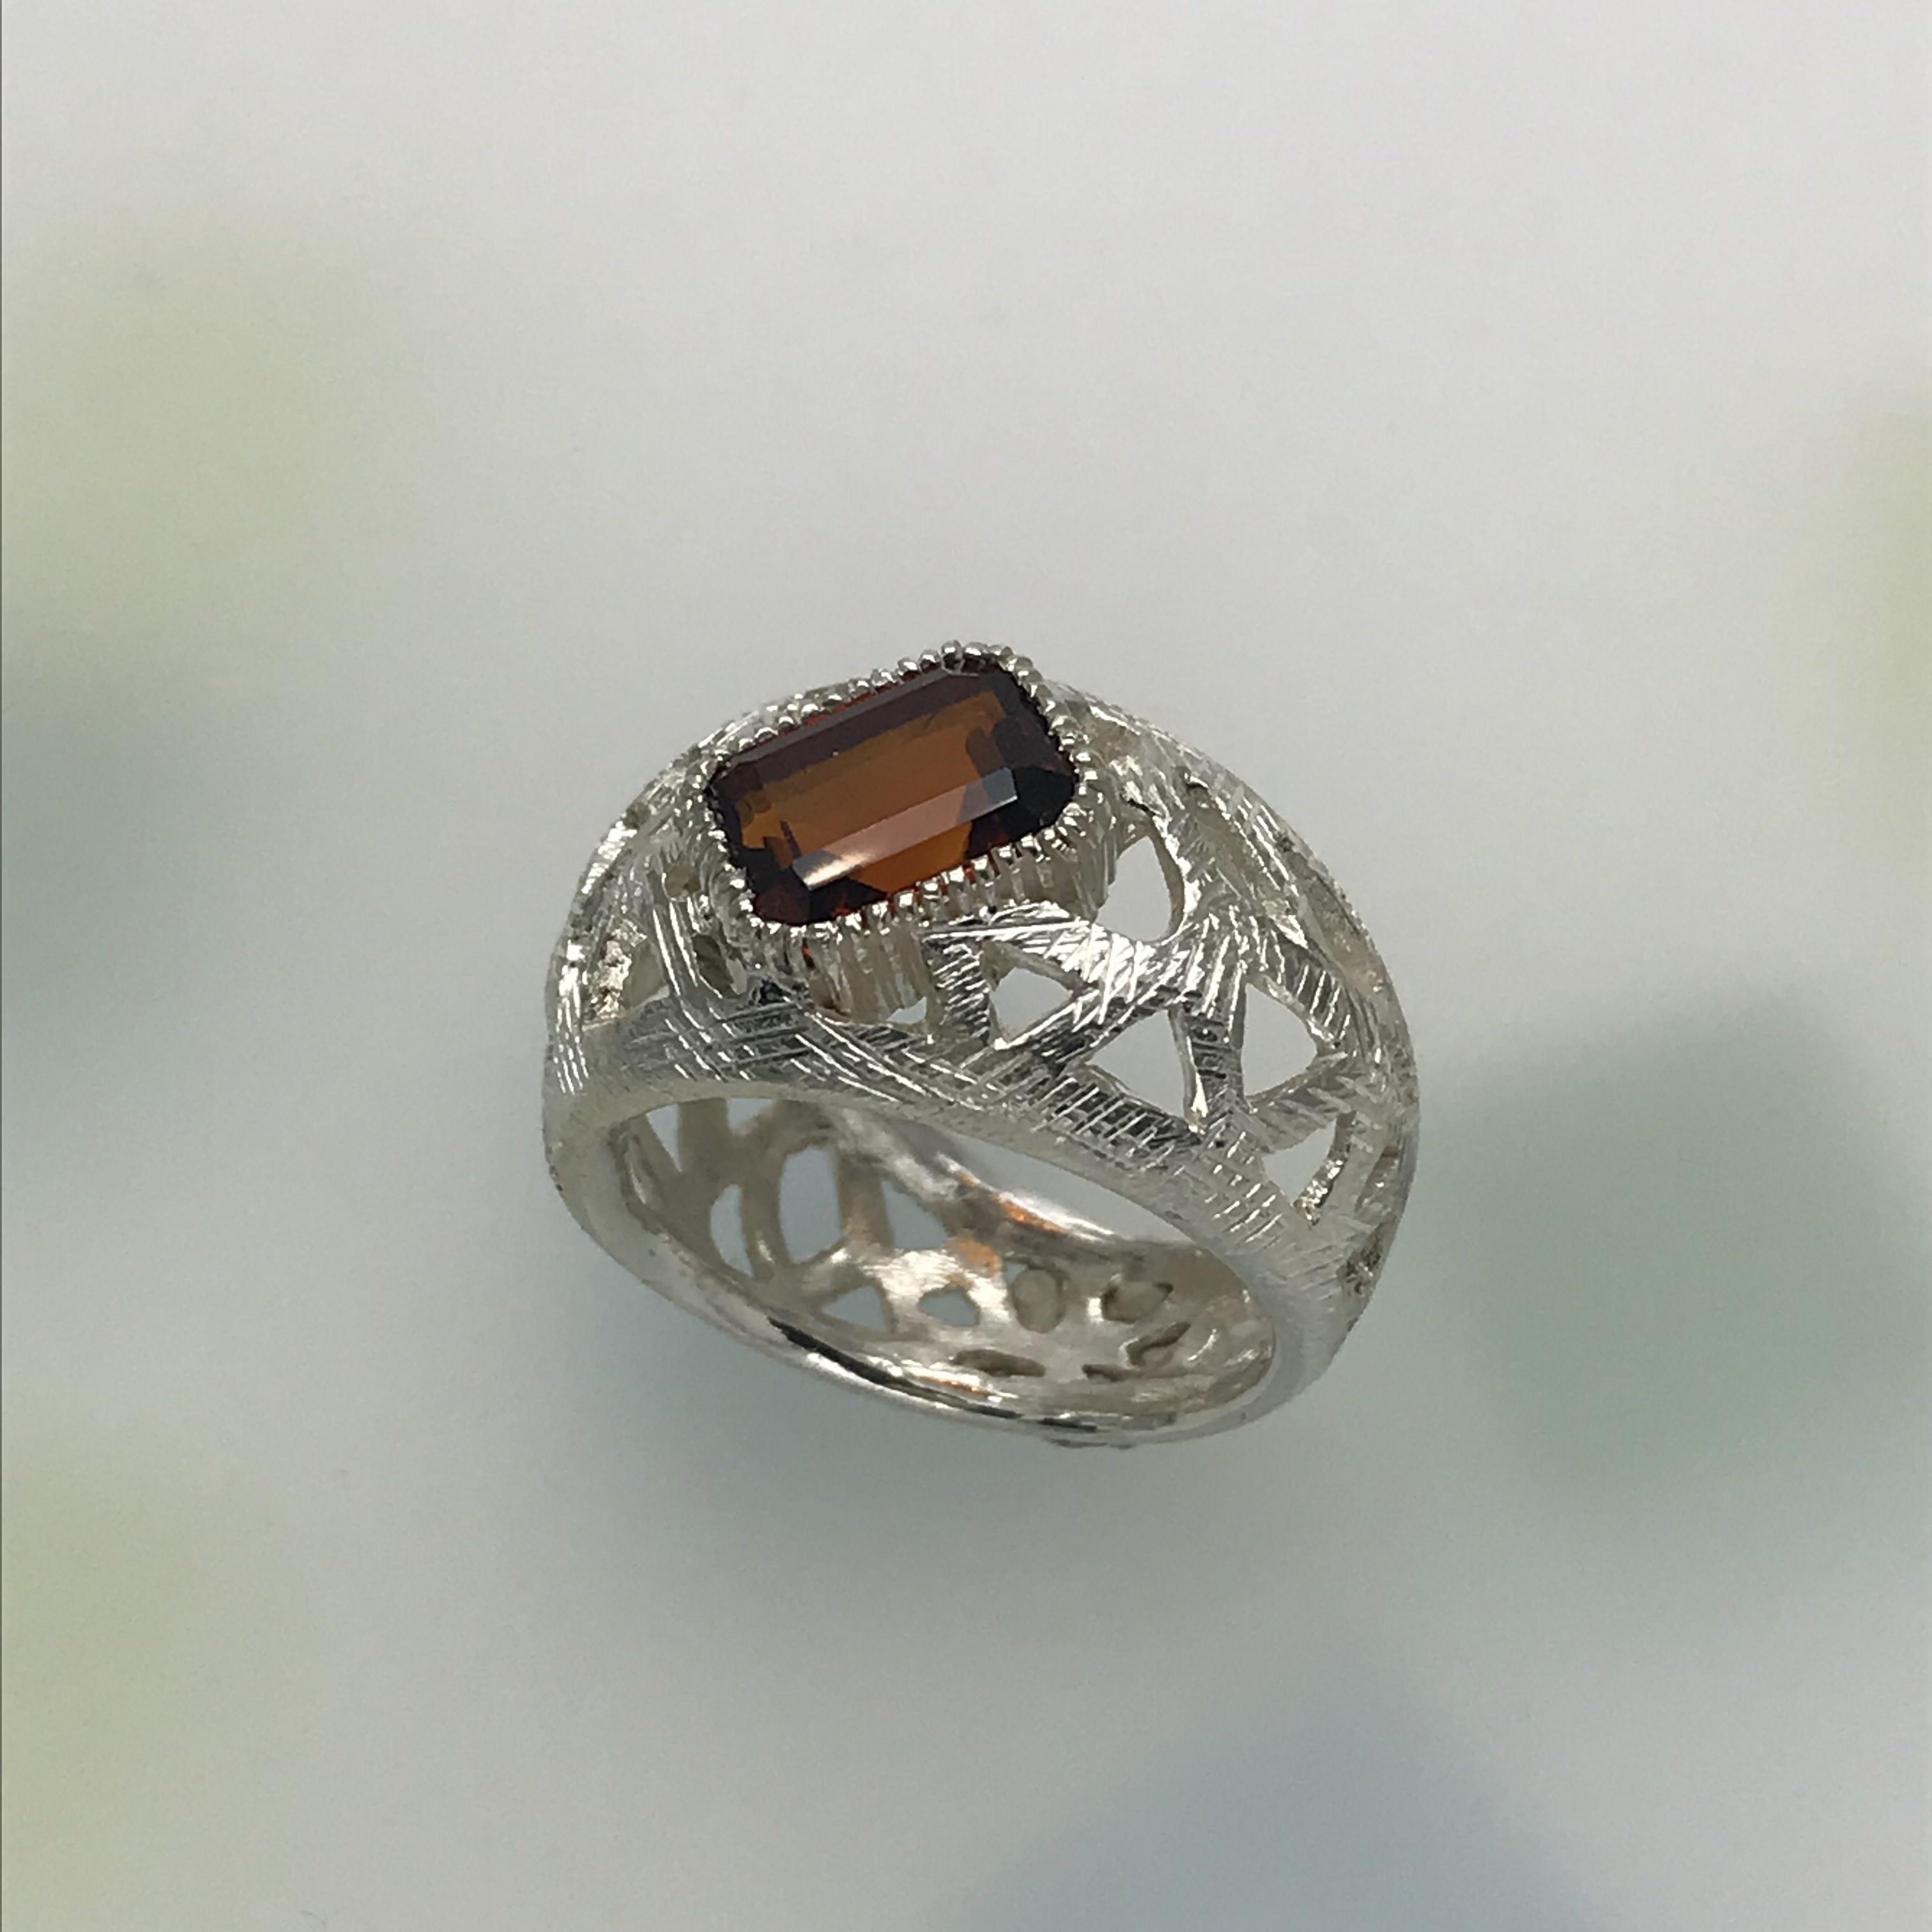 建物の鉄骨をイメージした指輪